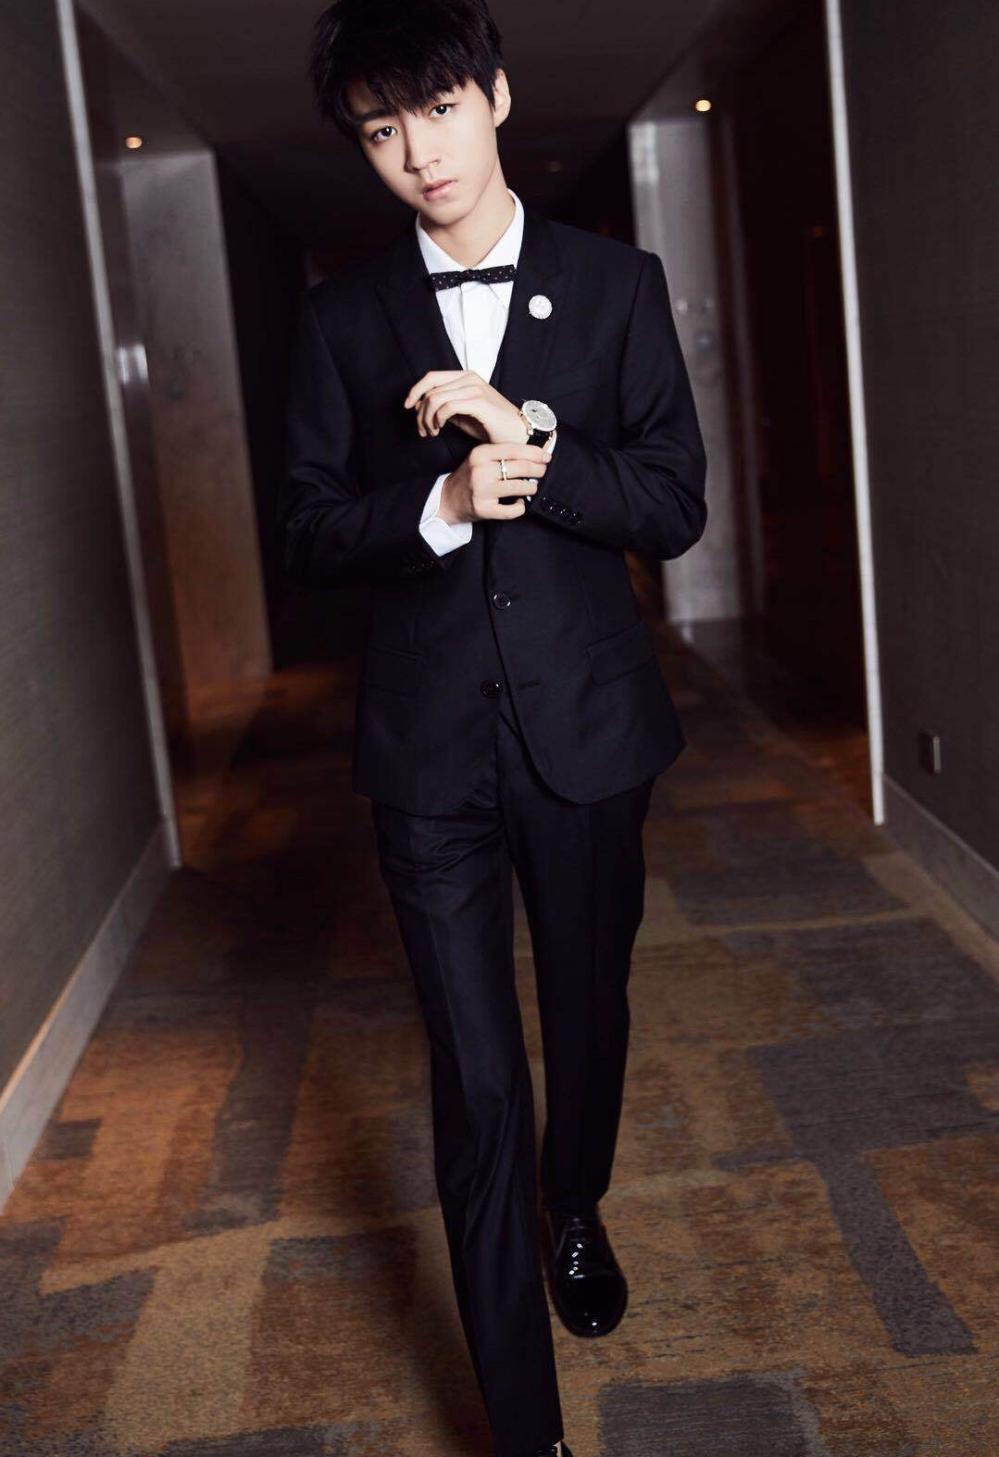 本以为王俊凯穿西装才显高显瘦,直到看见他的新造型!